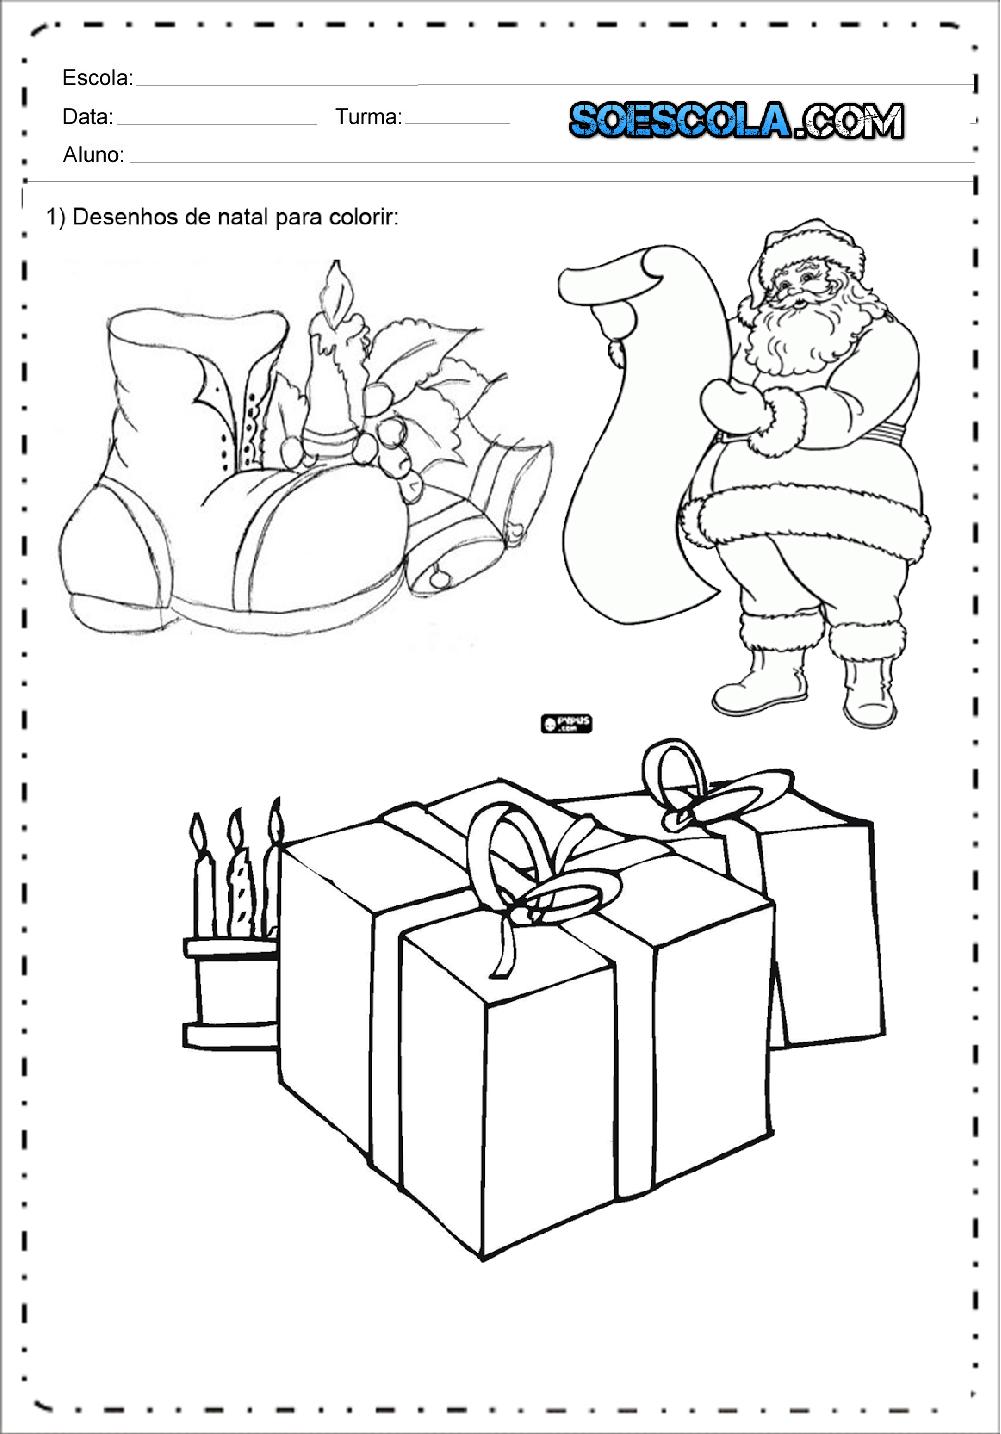 Desenhos de natal para colorir e imprimir – Desenhos Natalinos